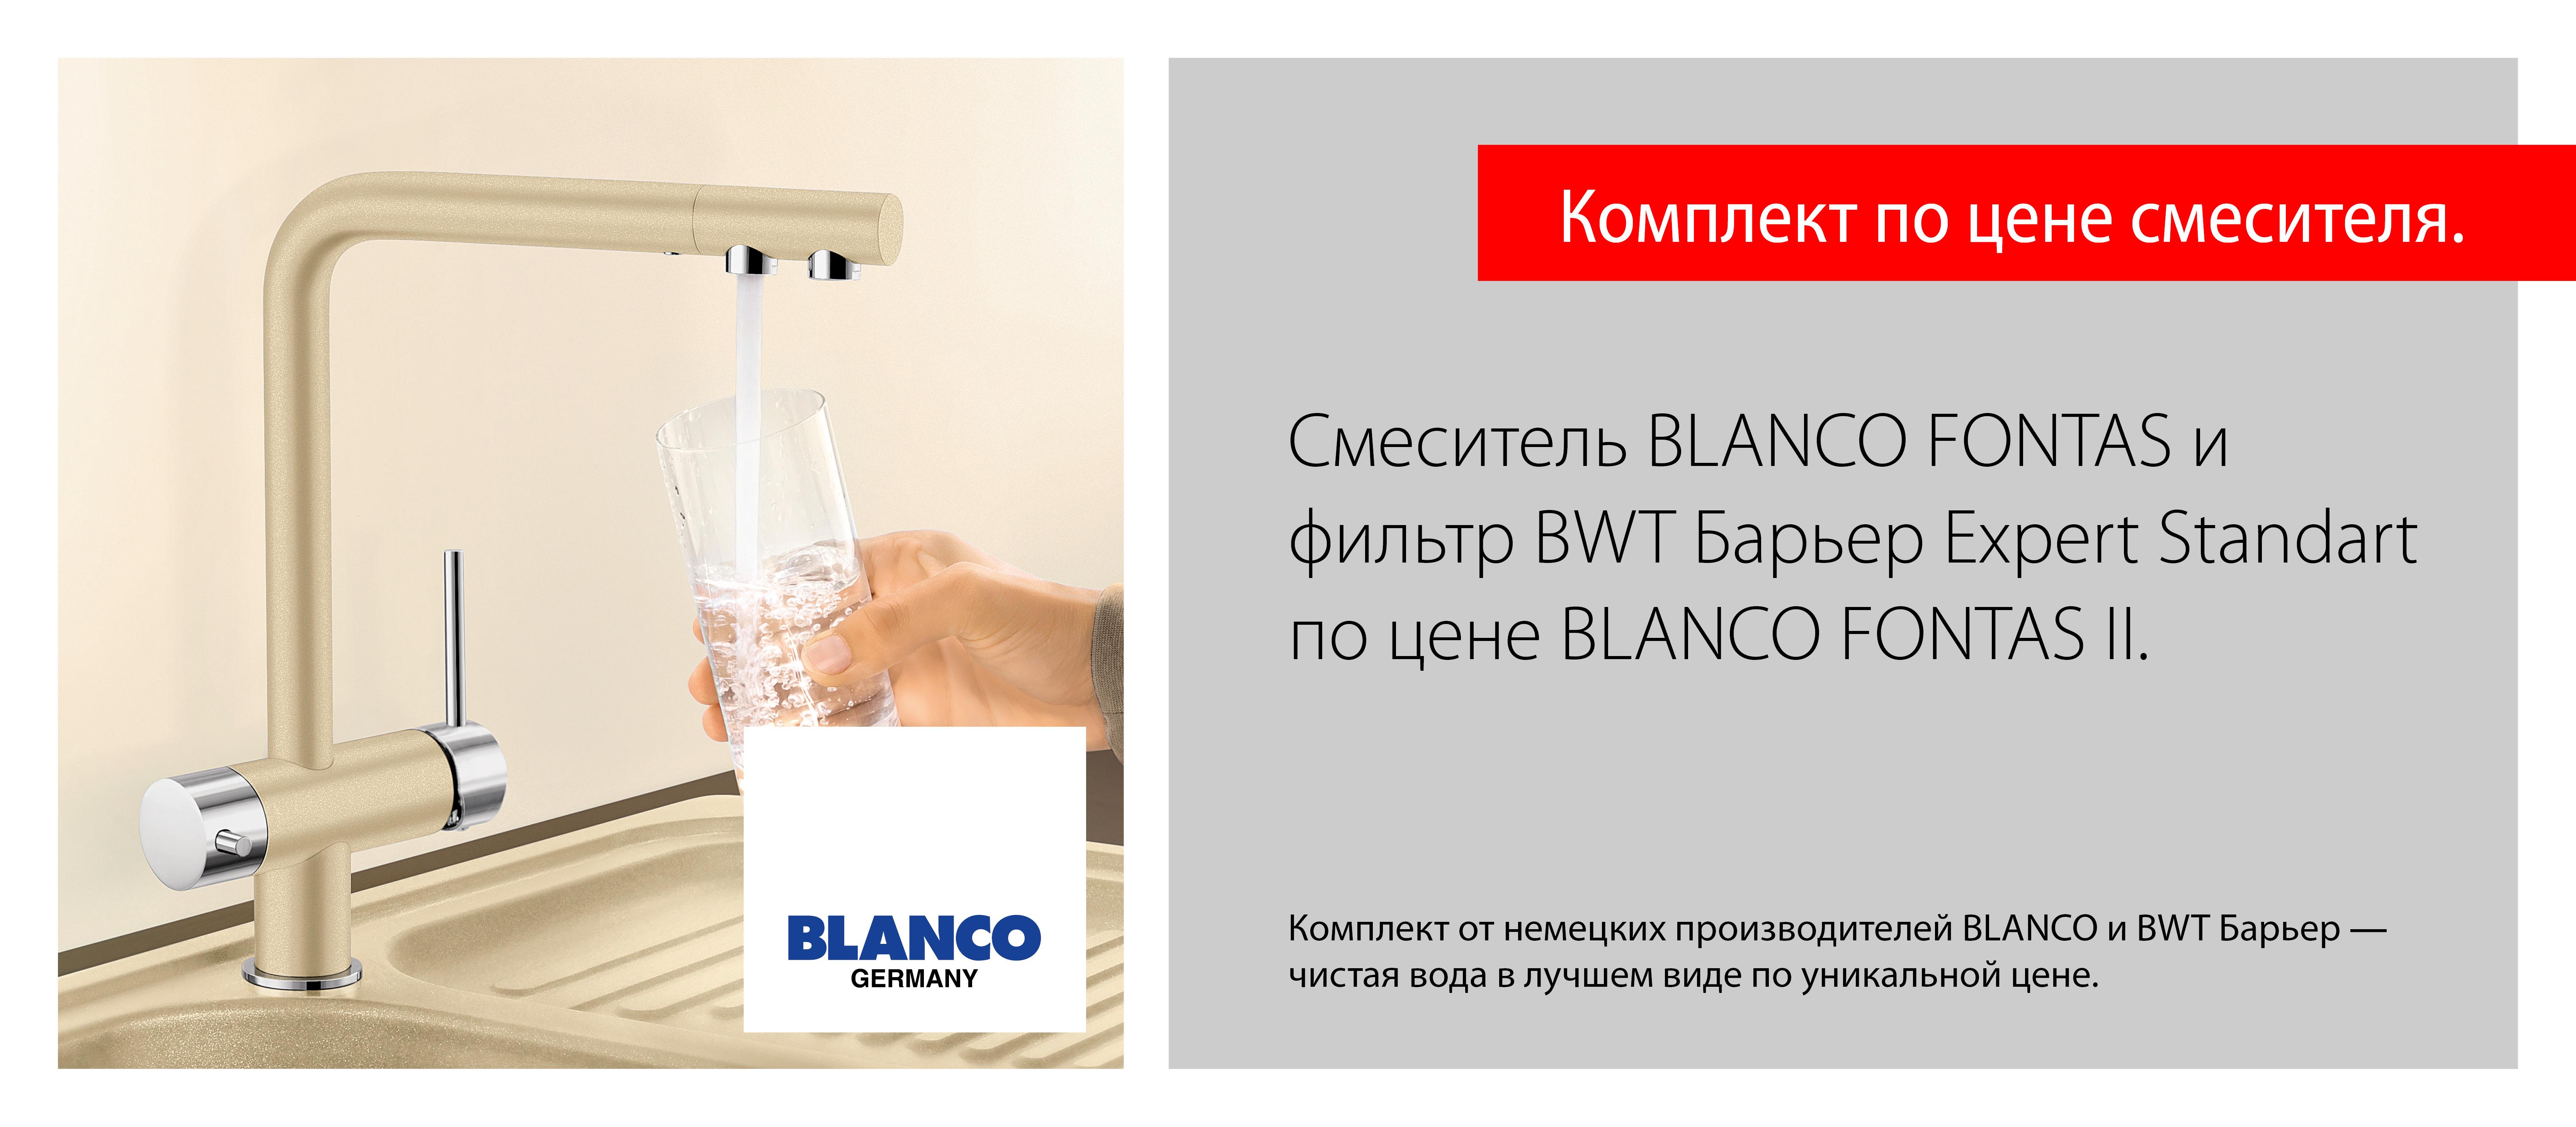 Смеситель Blanco Fontas + фильтр BWT Барьер Expert Standart по цене смесителя